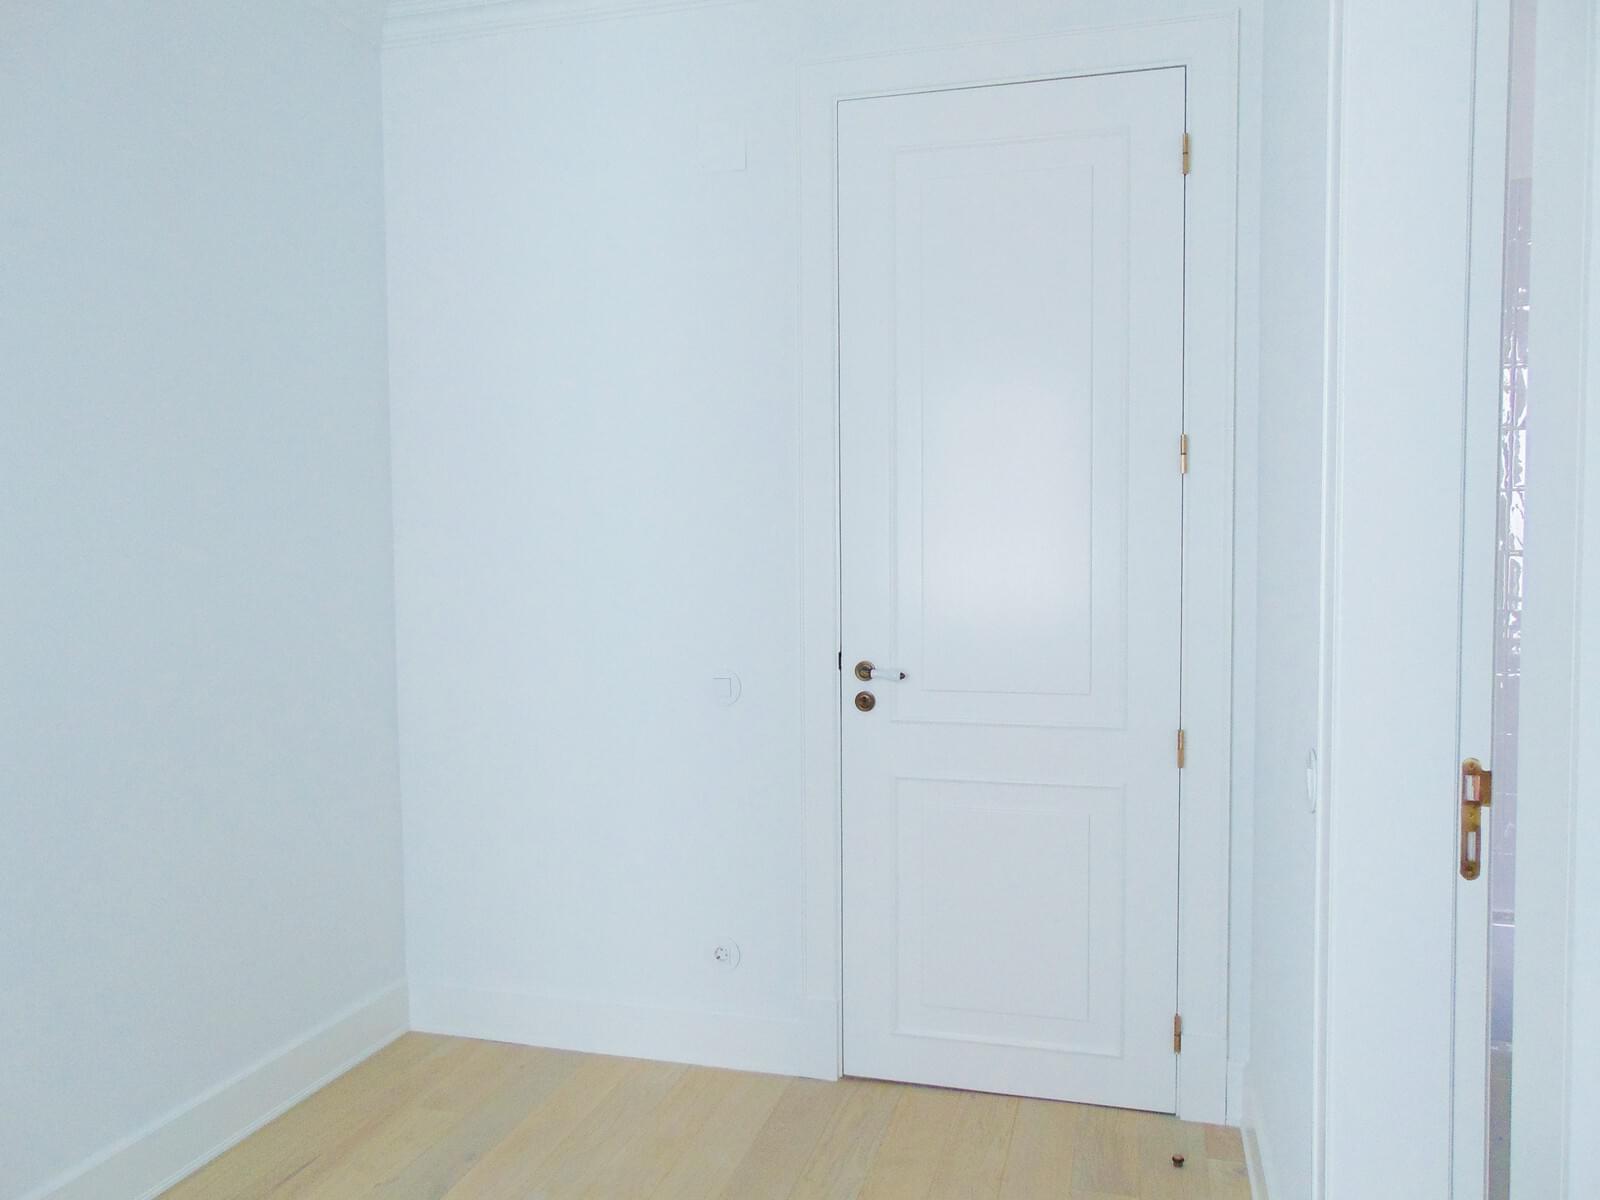 pf18152-apartamento-t2-lisboa-27fd7117-3e8d-4de2-b3ea-2200c2612bb9